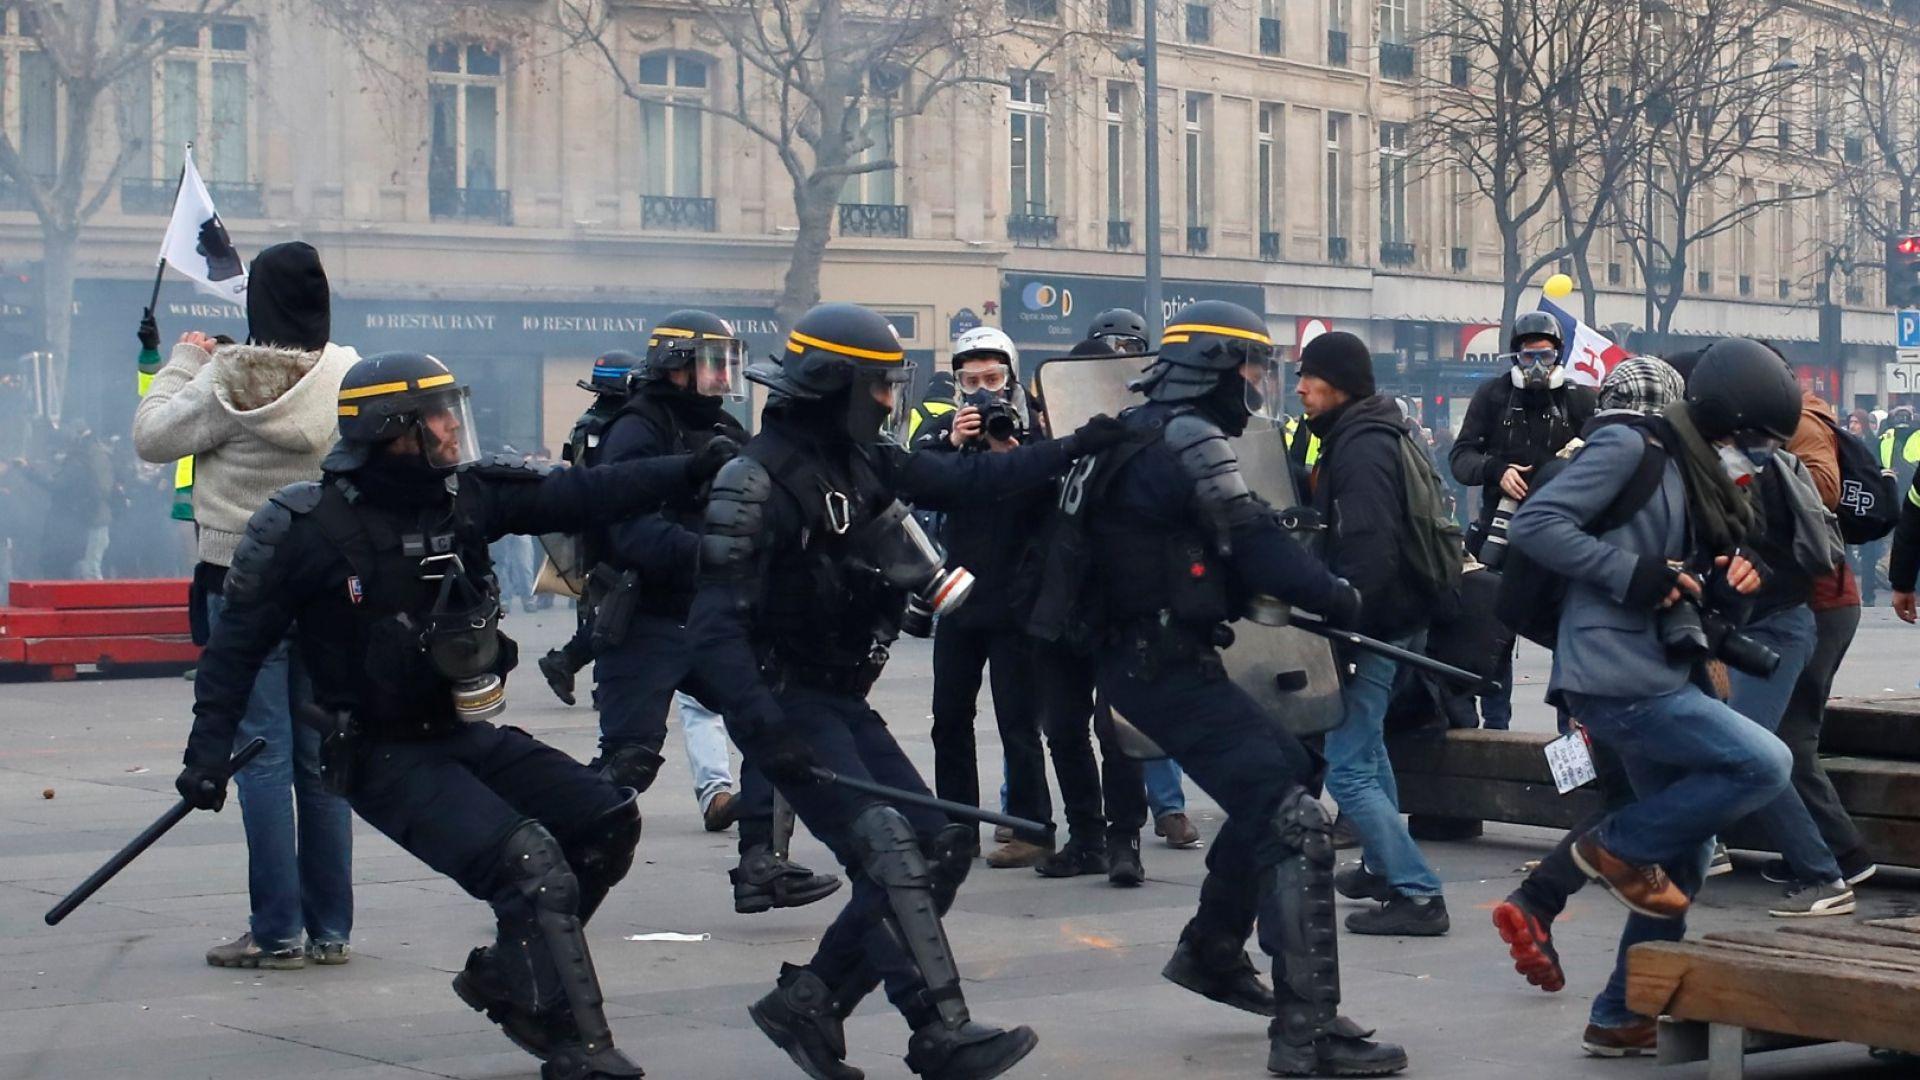 Съветът на Европа призова Франция да не стреля с гумени куршуми срещу демонстранти